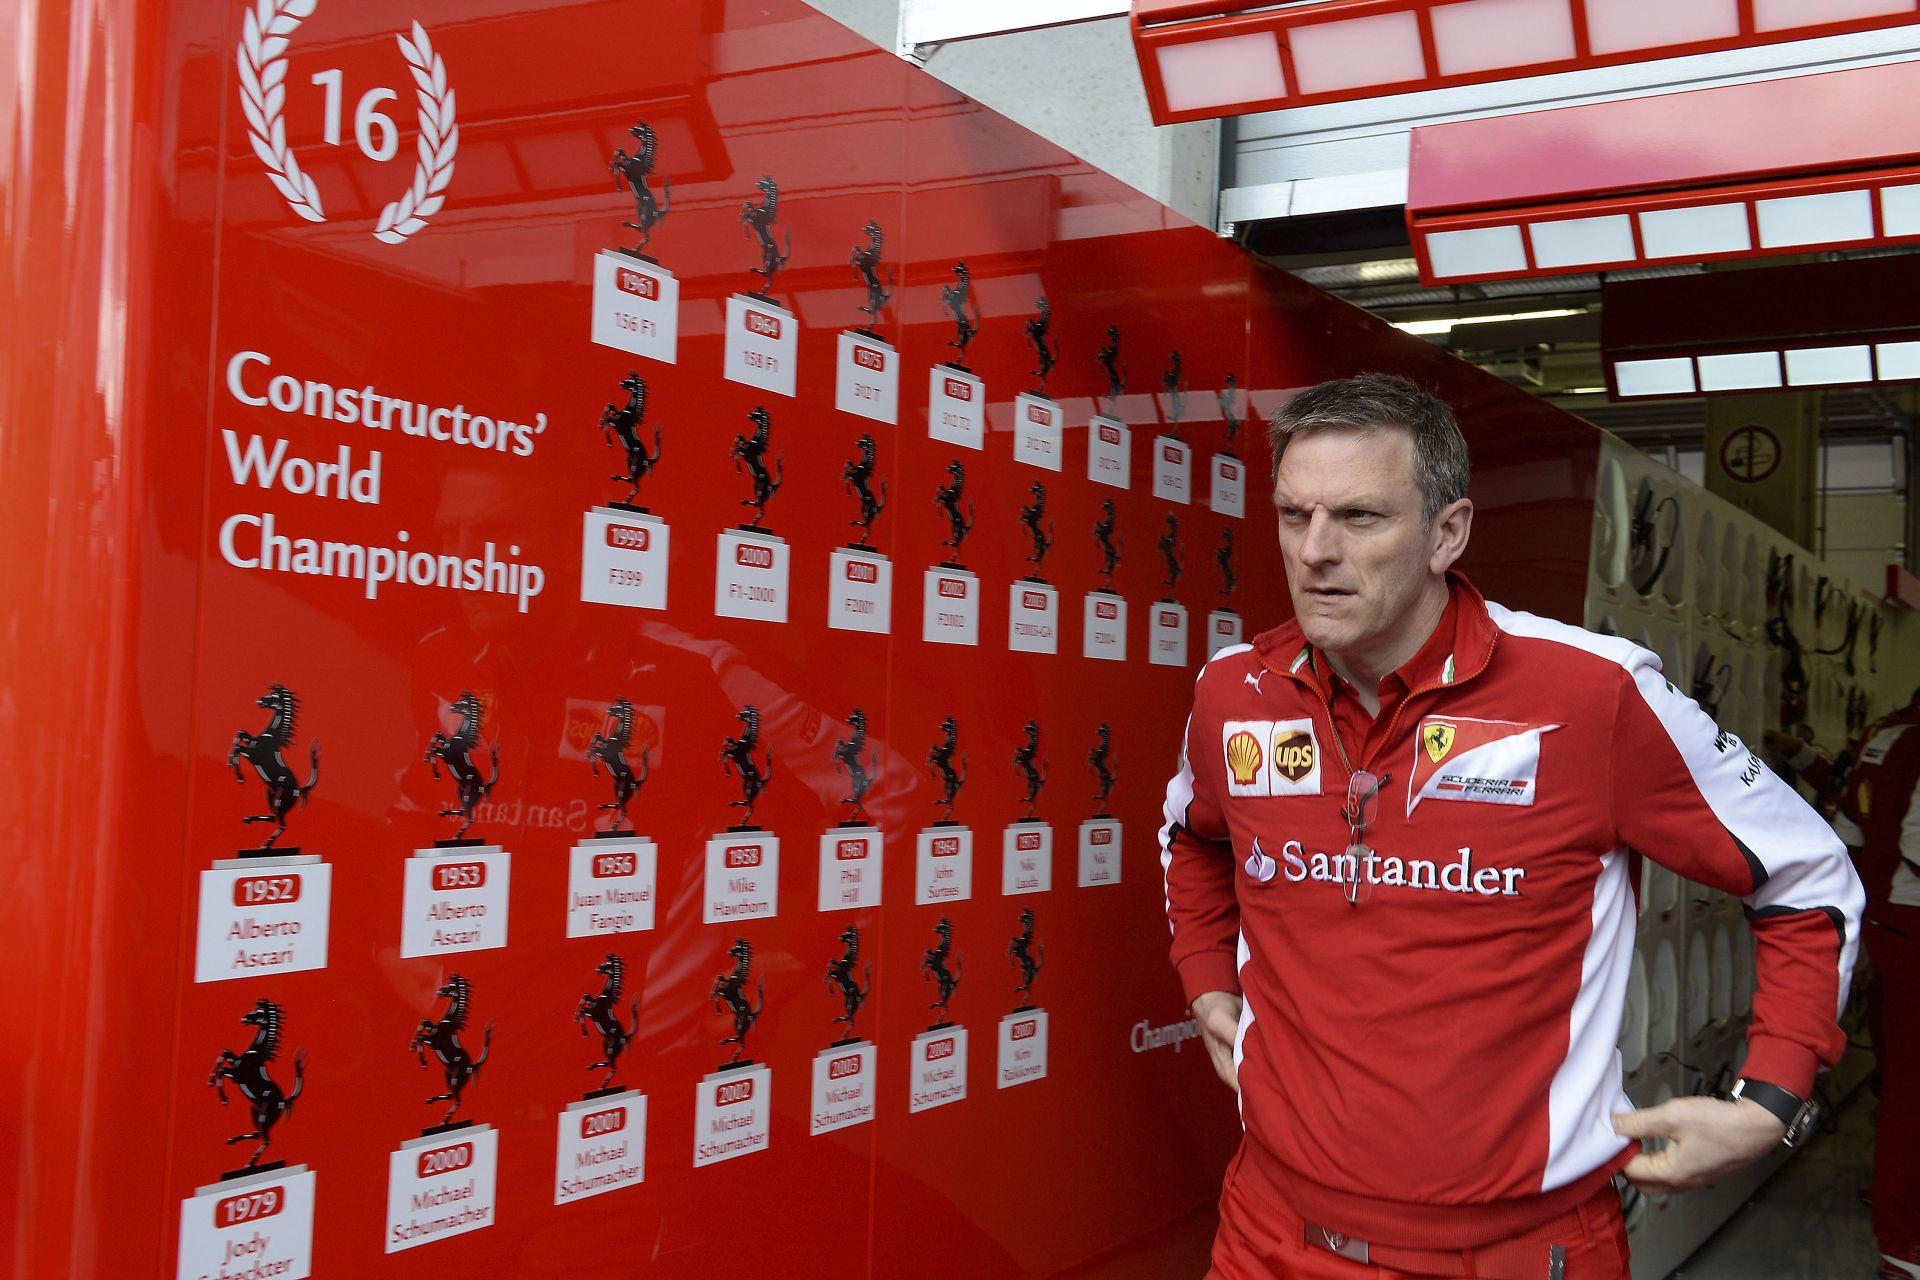 A Ferrarinál mindenki marad a helyén - egyelőre nem hullanak fejek a gyengébb versenyek miatt